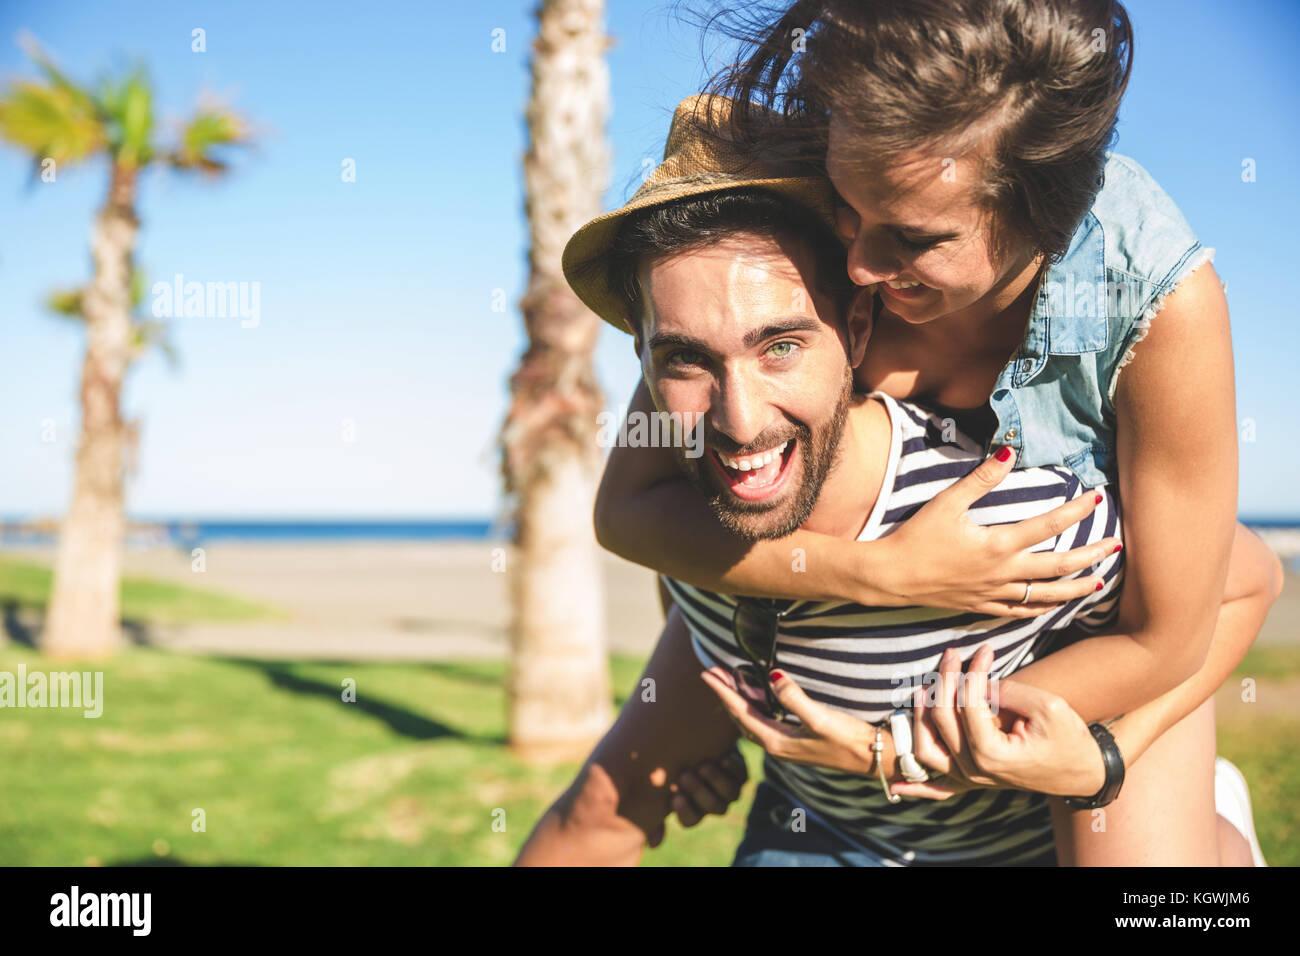 Retrato del hombre feliz dando su novia piggyback ride Imagen De Stock